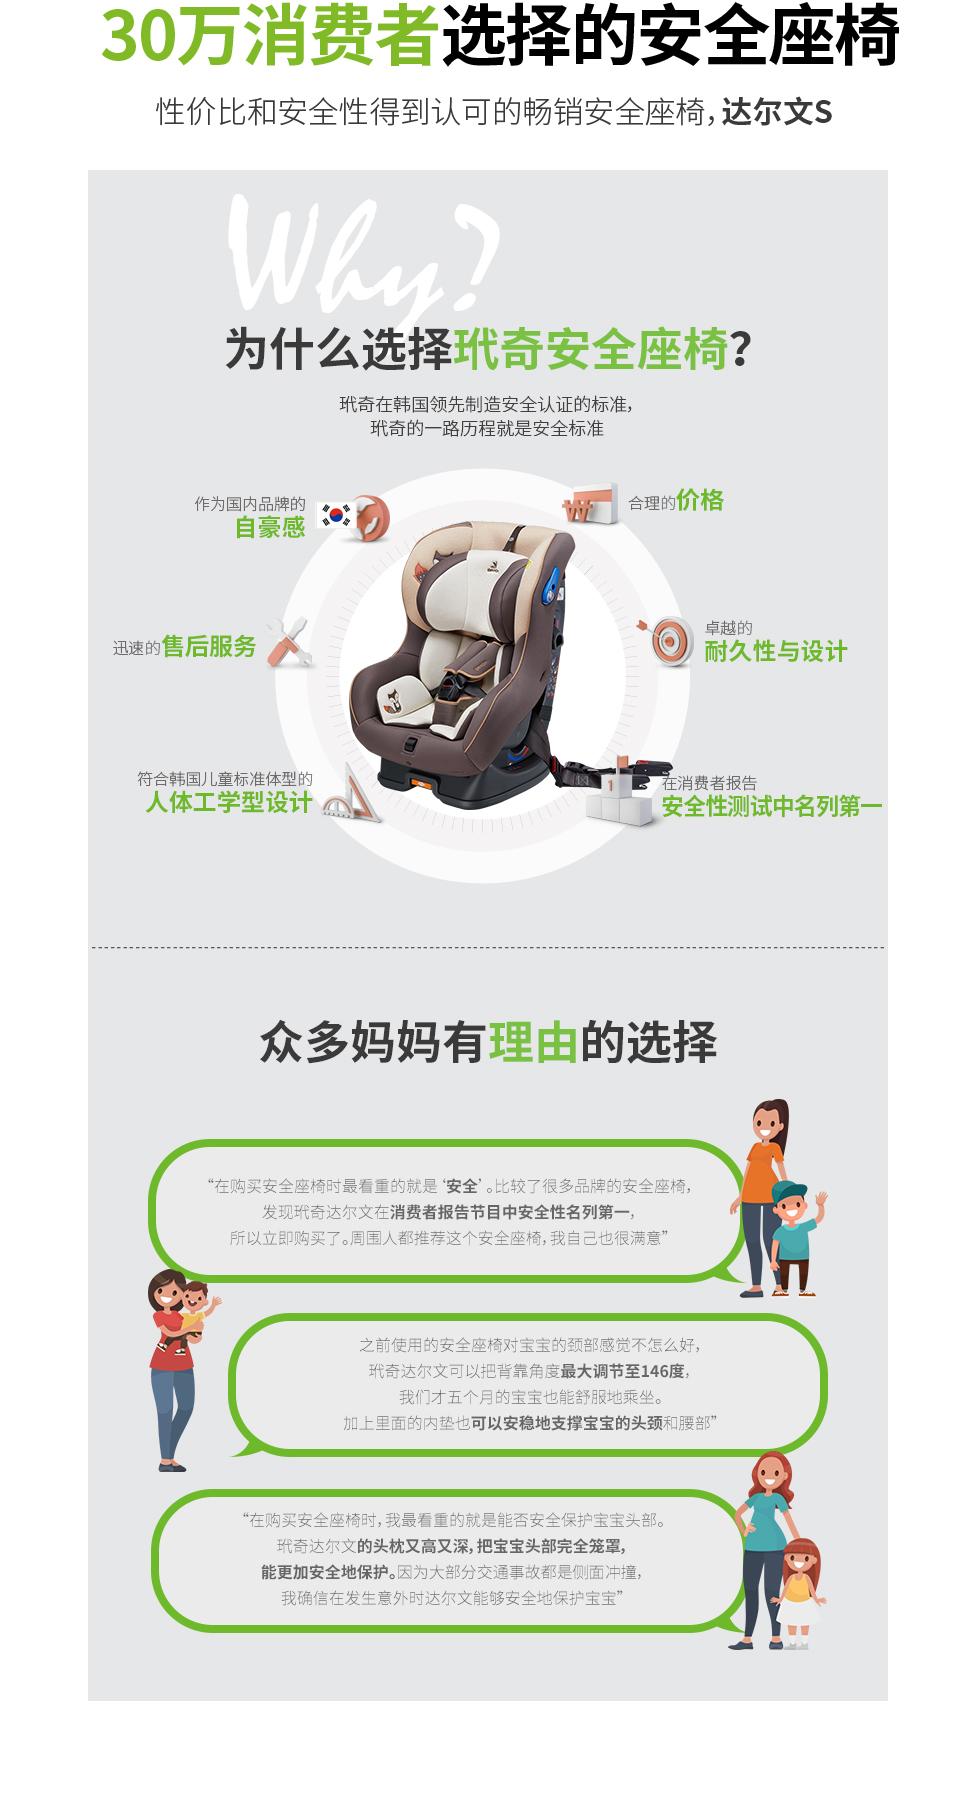 30万消费者选择的安全座椅. 性价比和安全性得到认可的畅销安全座椅,玳奇 达尔文S. 玳奇 达尔文S